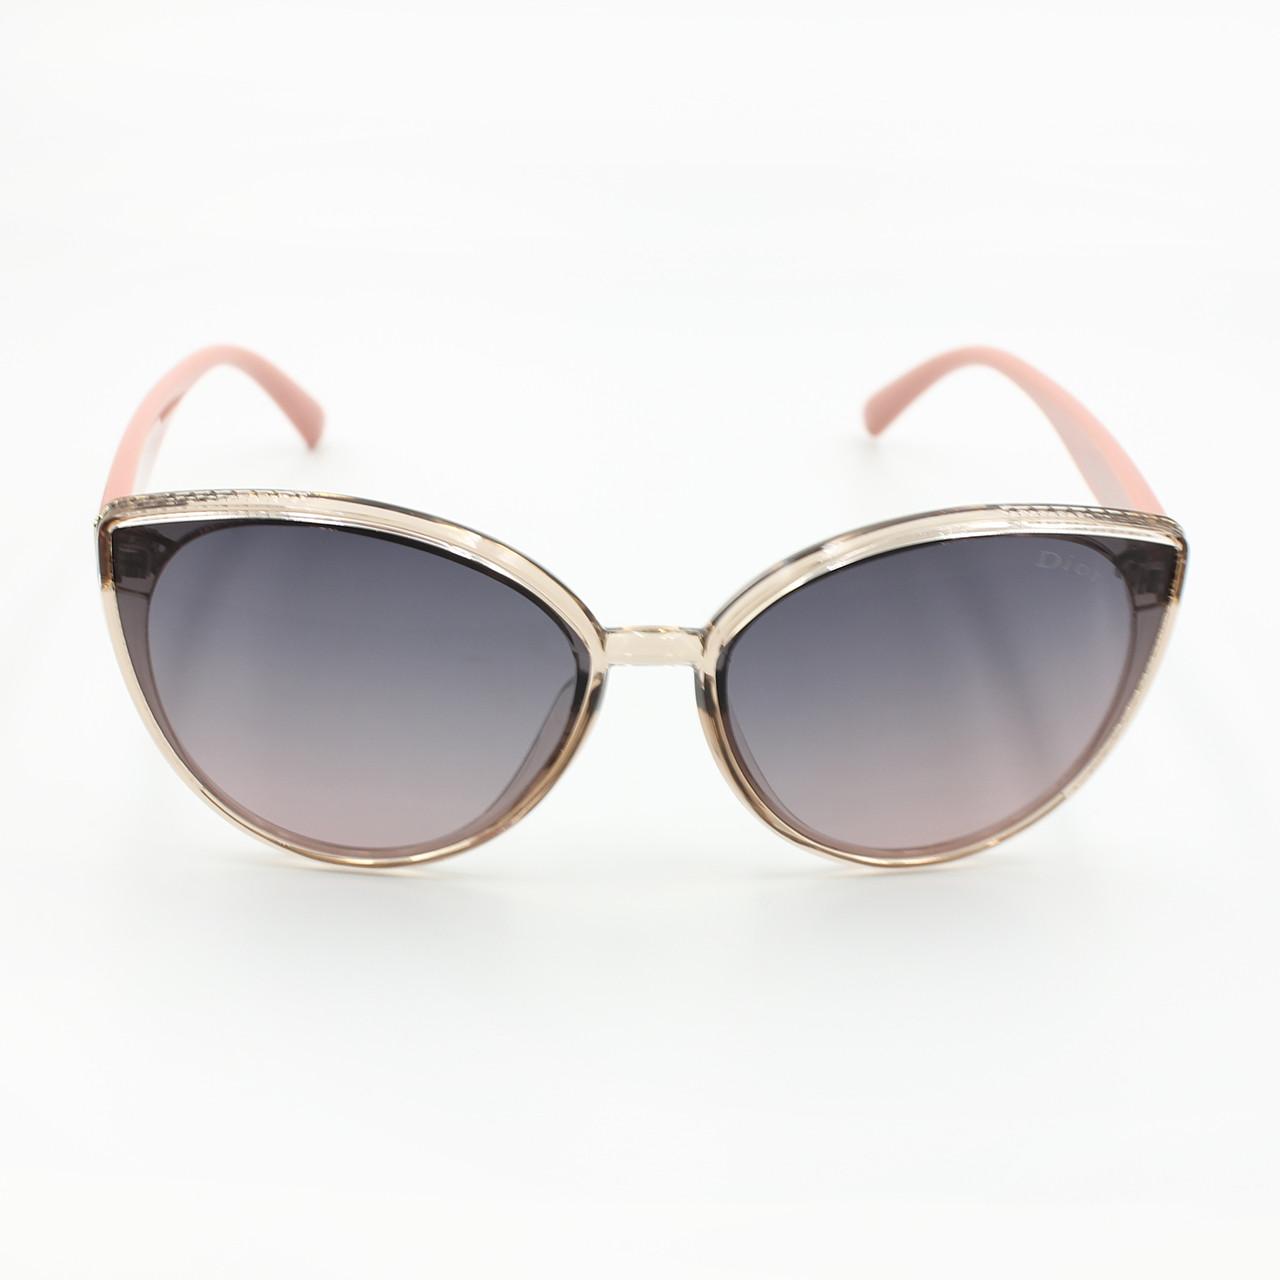 Модные cолнцезащитные очки с поляризацией